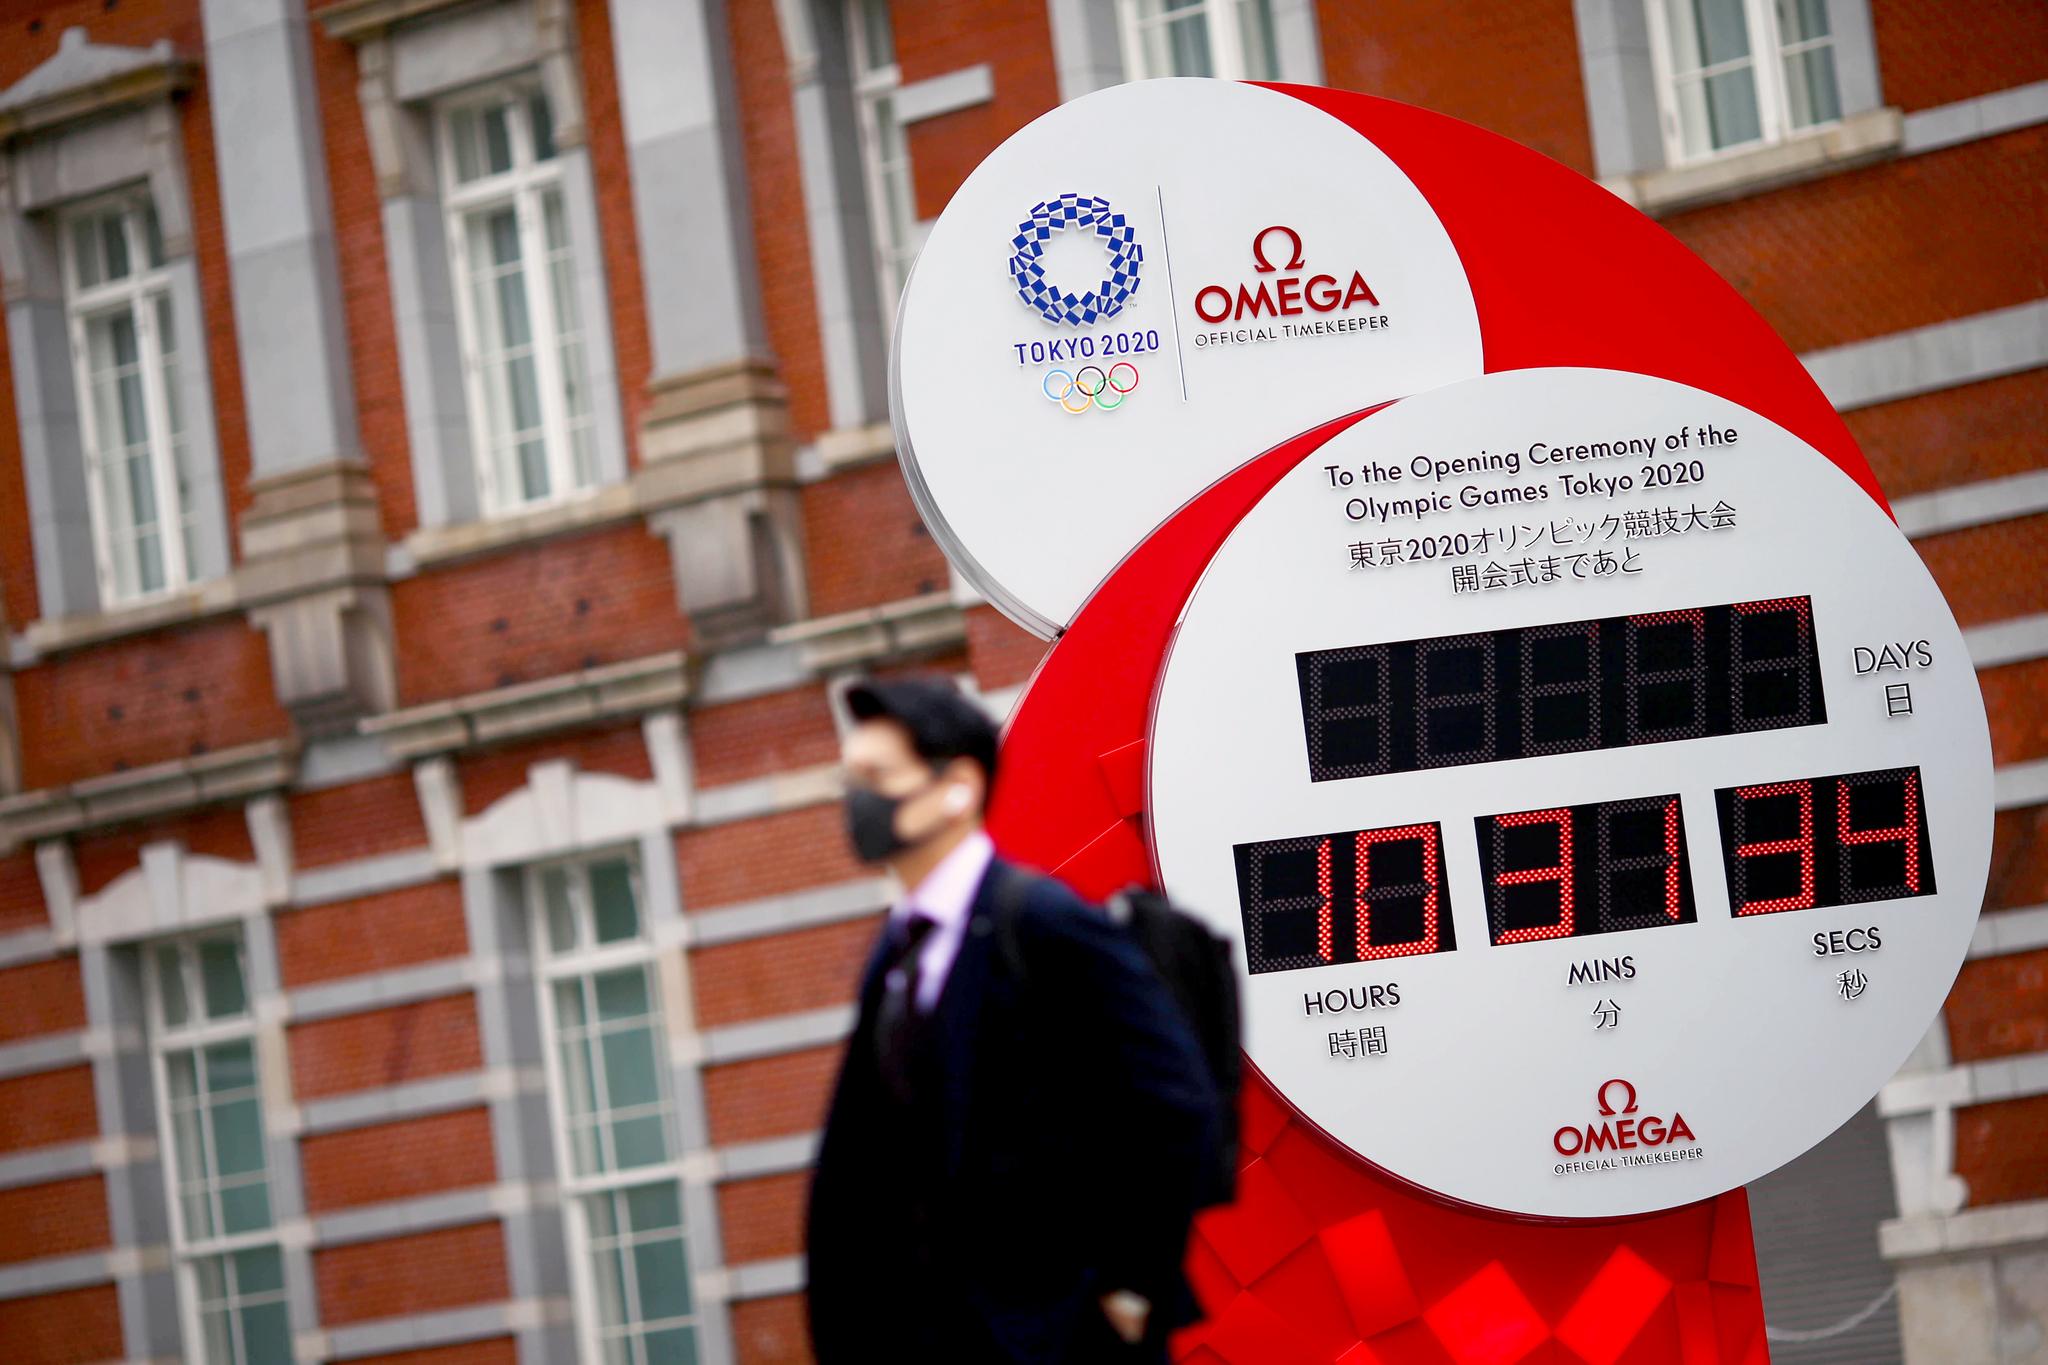 일본 도쿄에 있는 도쿄올림픽 남은 개막일을 알리는 대형시계. [로이터=연합뉴스]